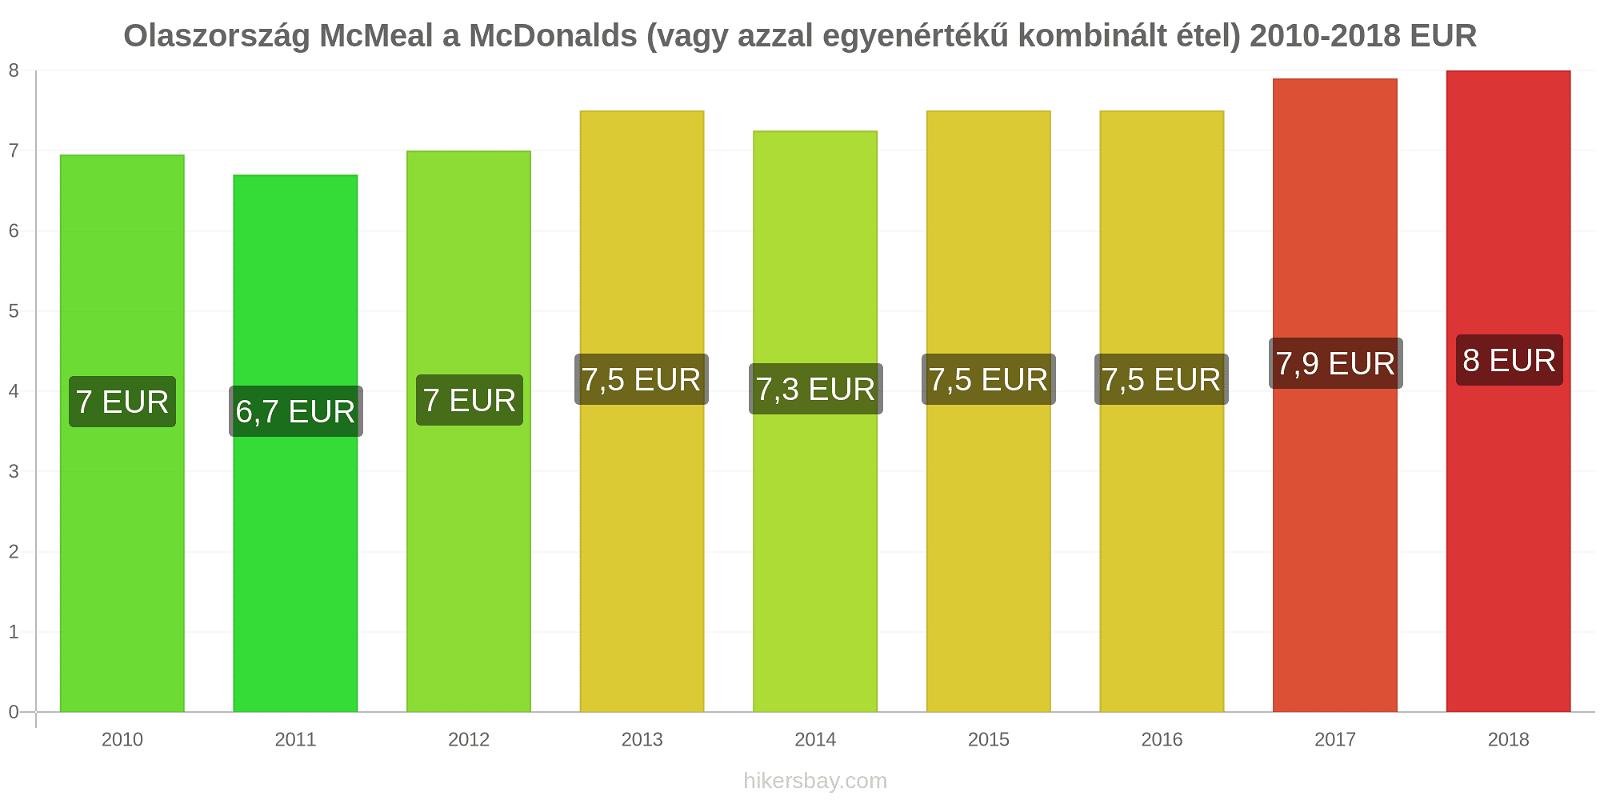 Olaszország árváltozások McMeal a McDonalds (vagy azzal egyenértékű kombinált étel) hikersbay.com